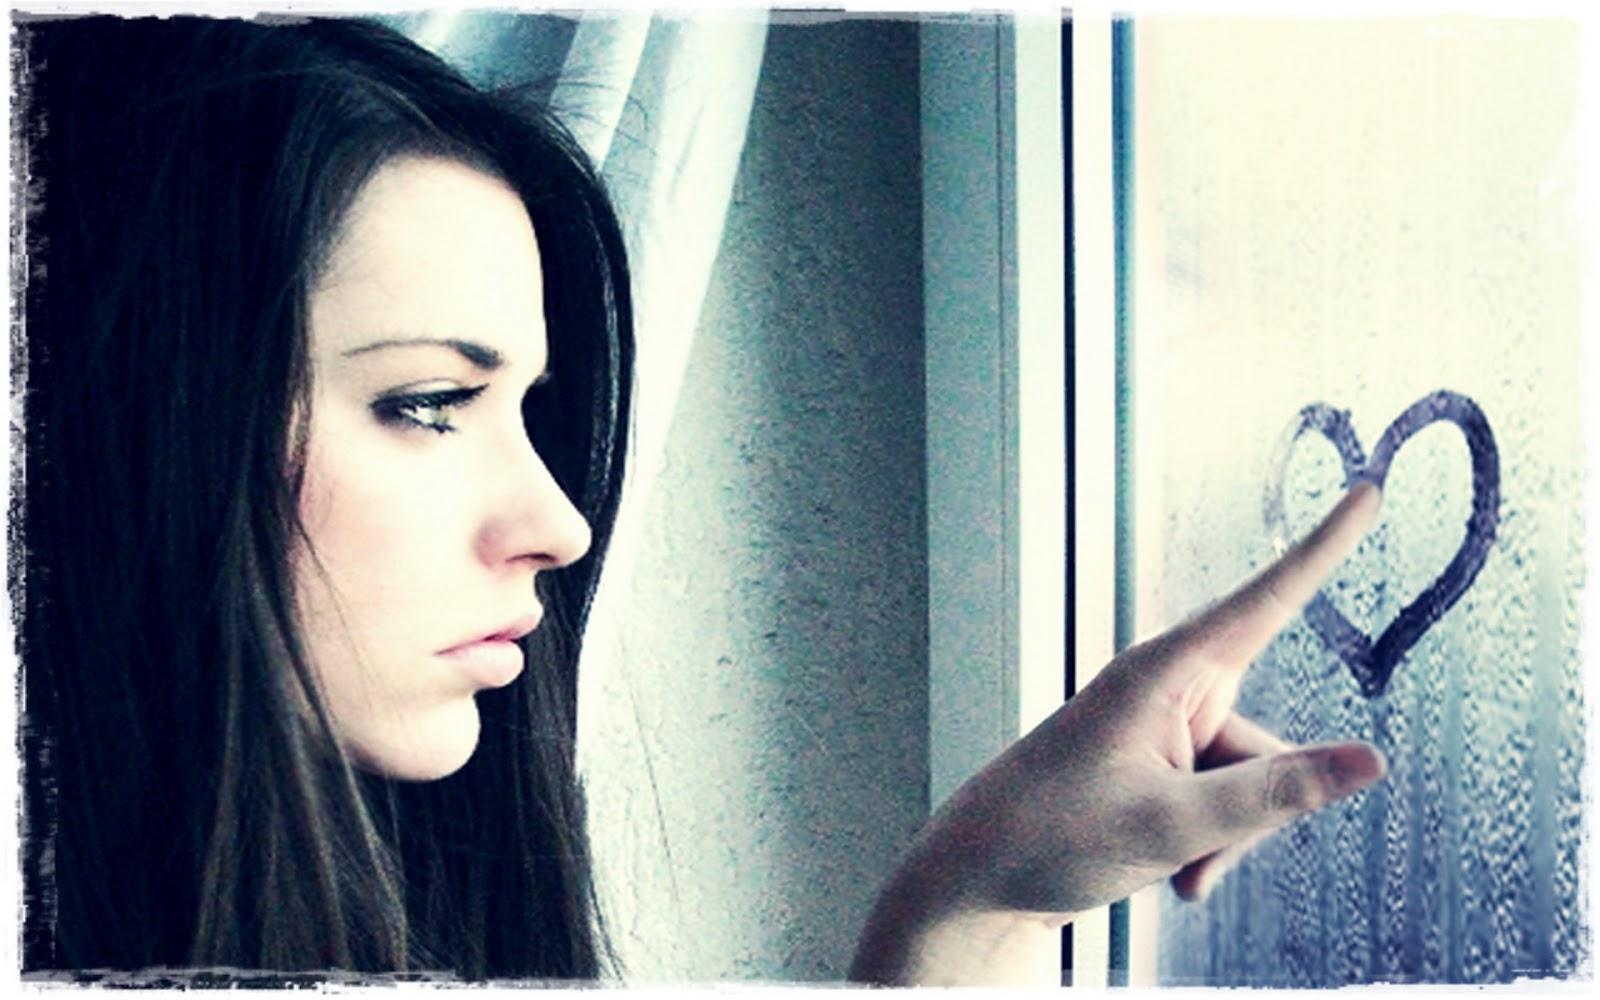 Sad Girl Wallpaper For Facebook 1600x1000